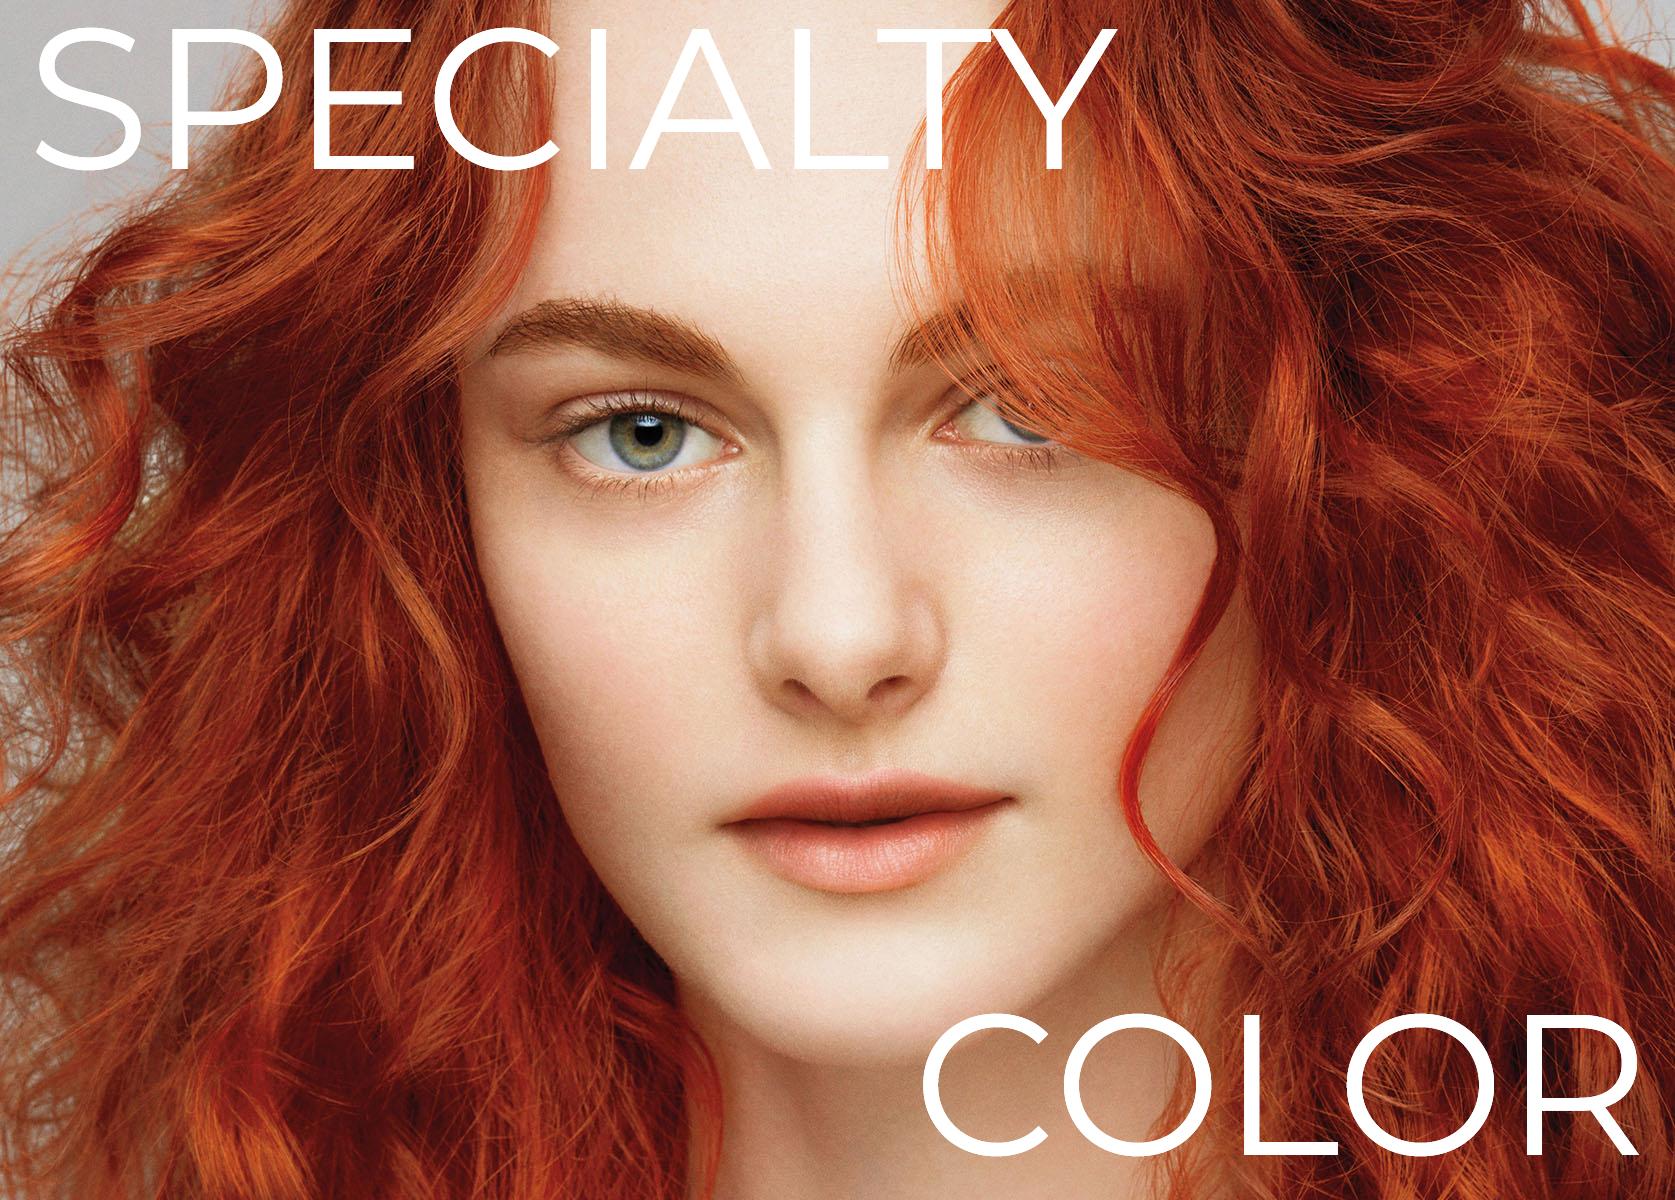 Specialty Color.jpg